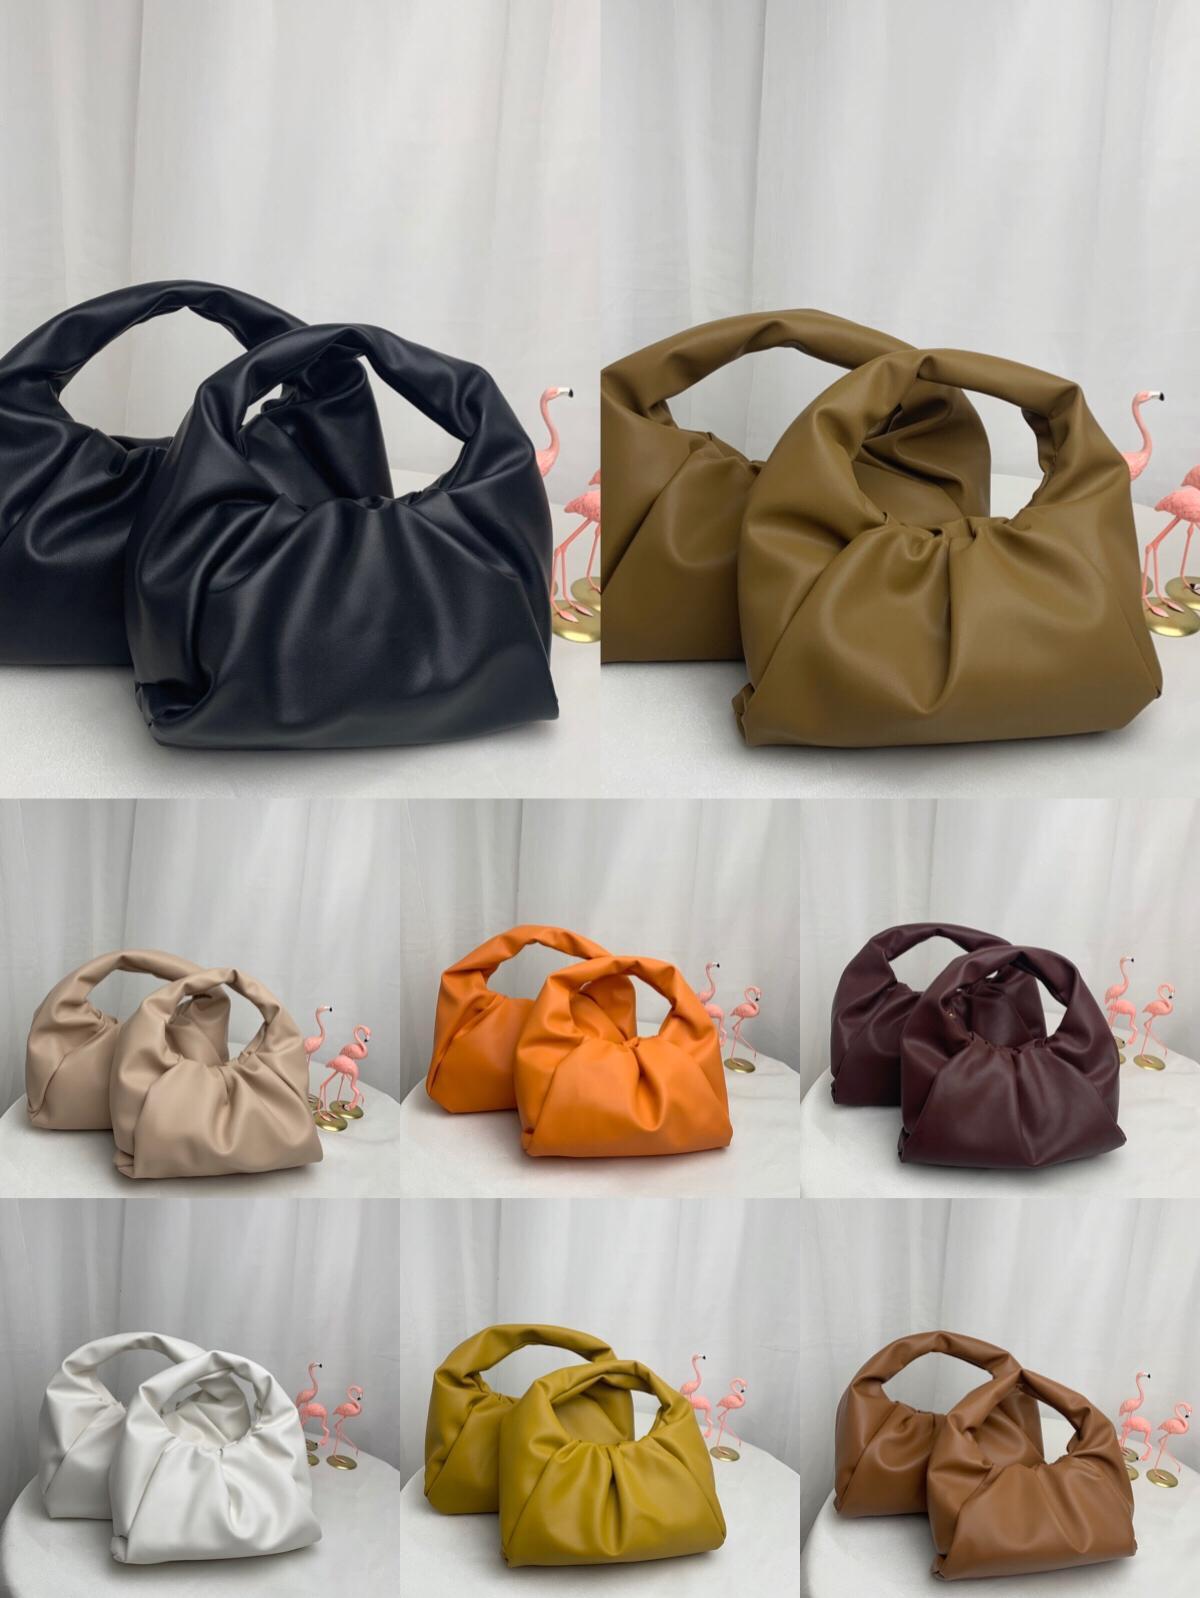 2020L'histoire poche des femmes de sacs nouveaux sacs fourre-tout mode sacs à main en cuir véritable sac à main Les femmes Pochette Pochette Nuage de haute qualité sacs à main F6wk #